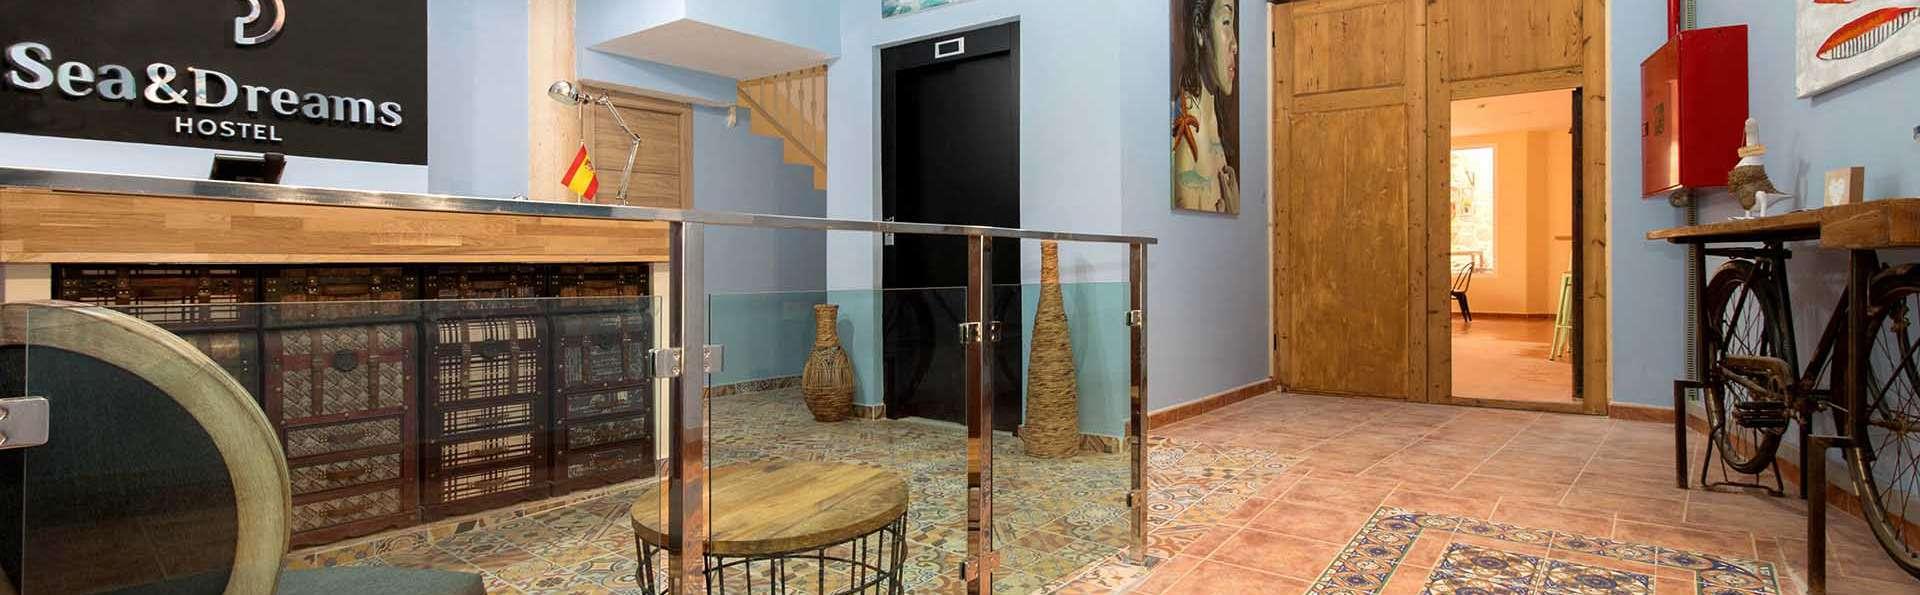 Sea & Dreams Hostel - EDIT_RECEPTION_01.jpg